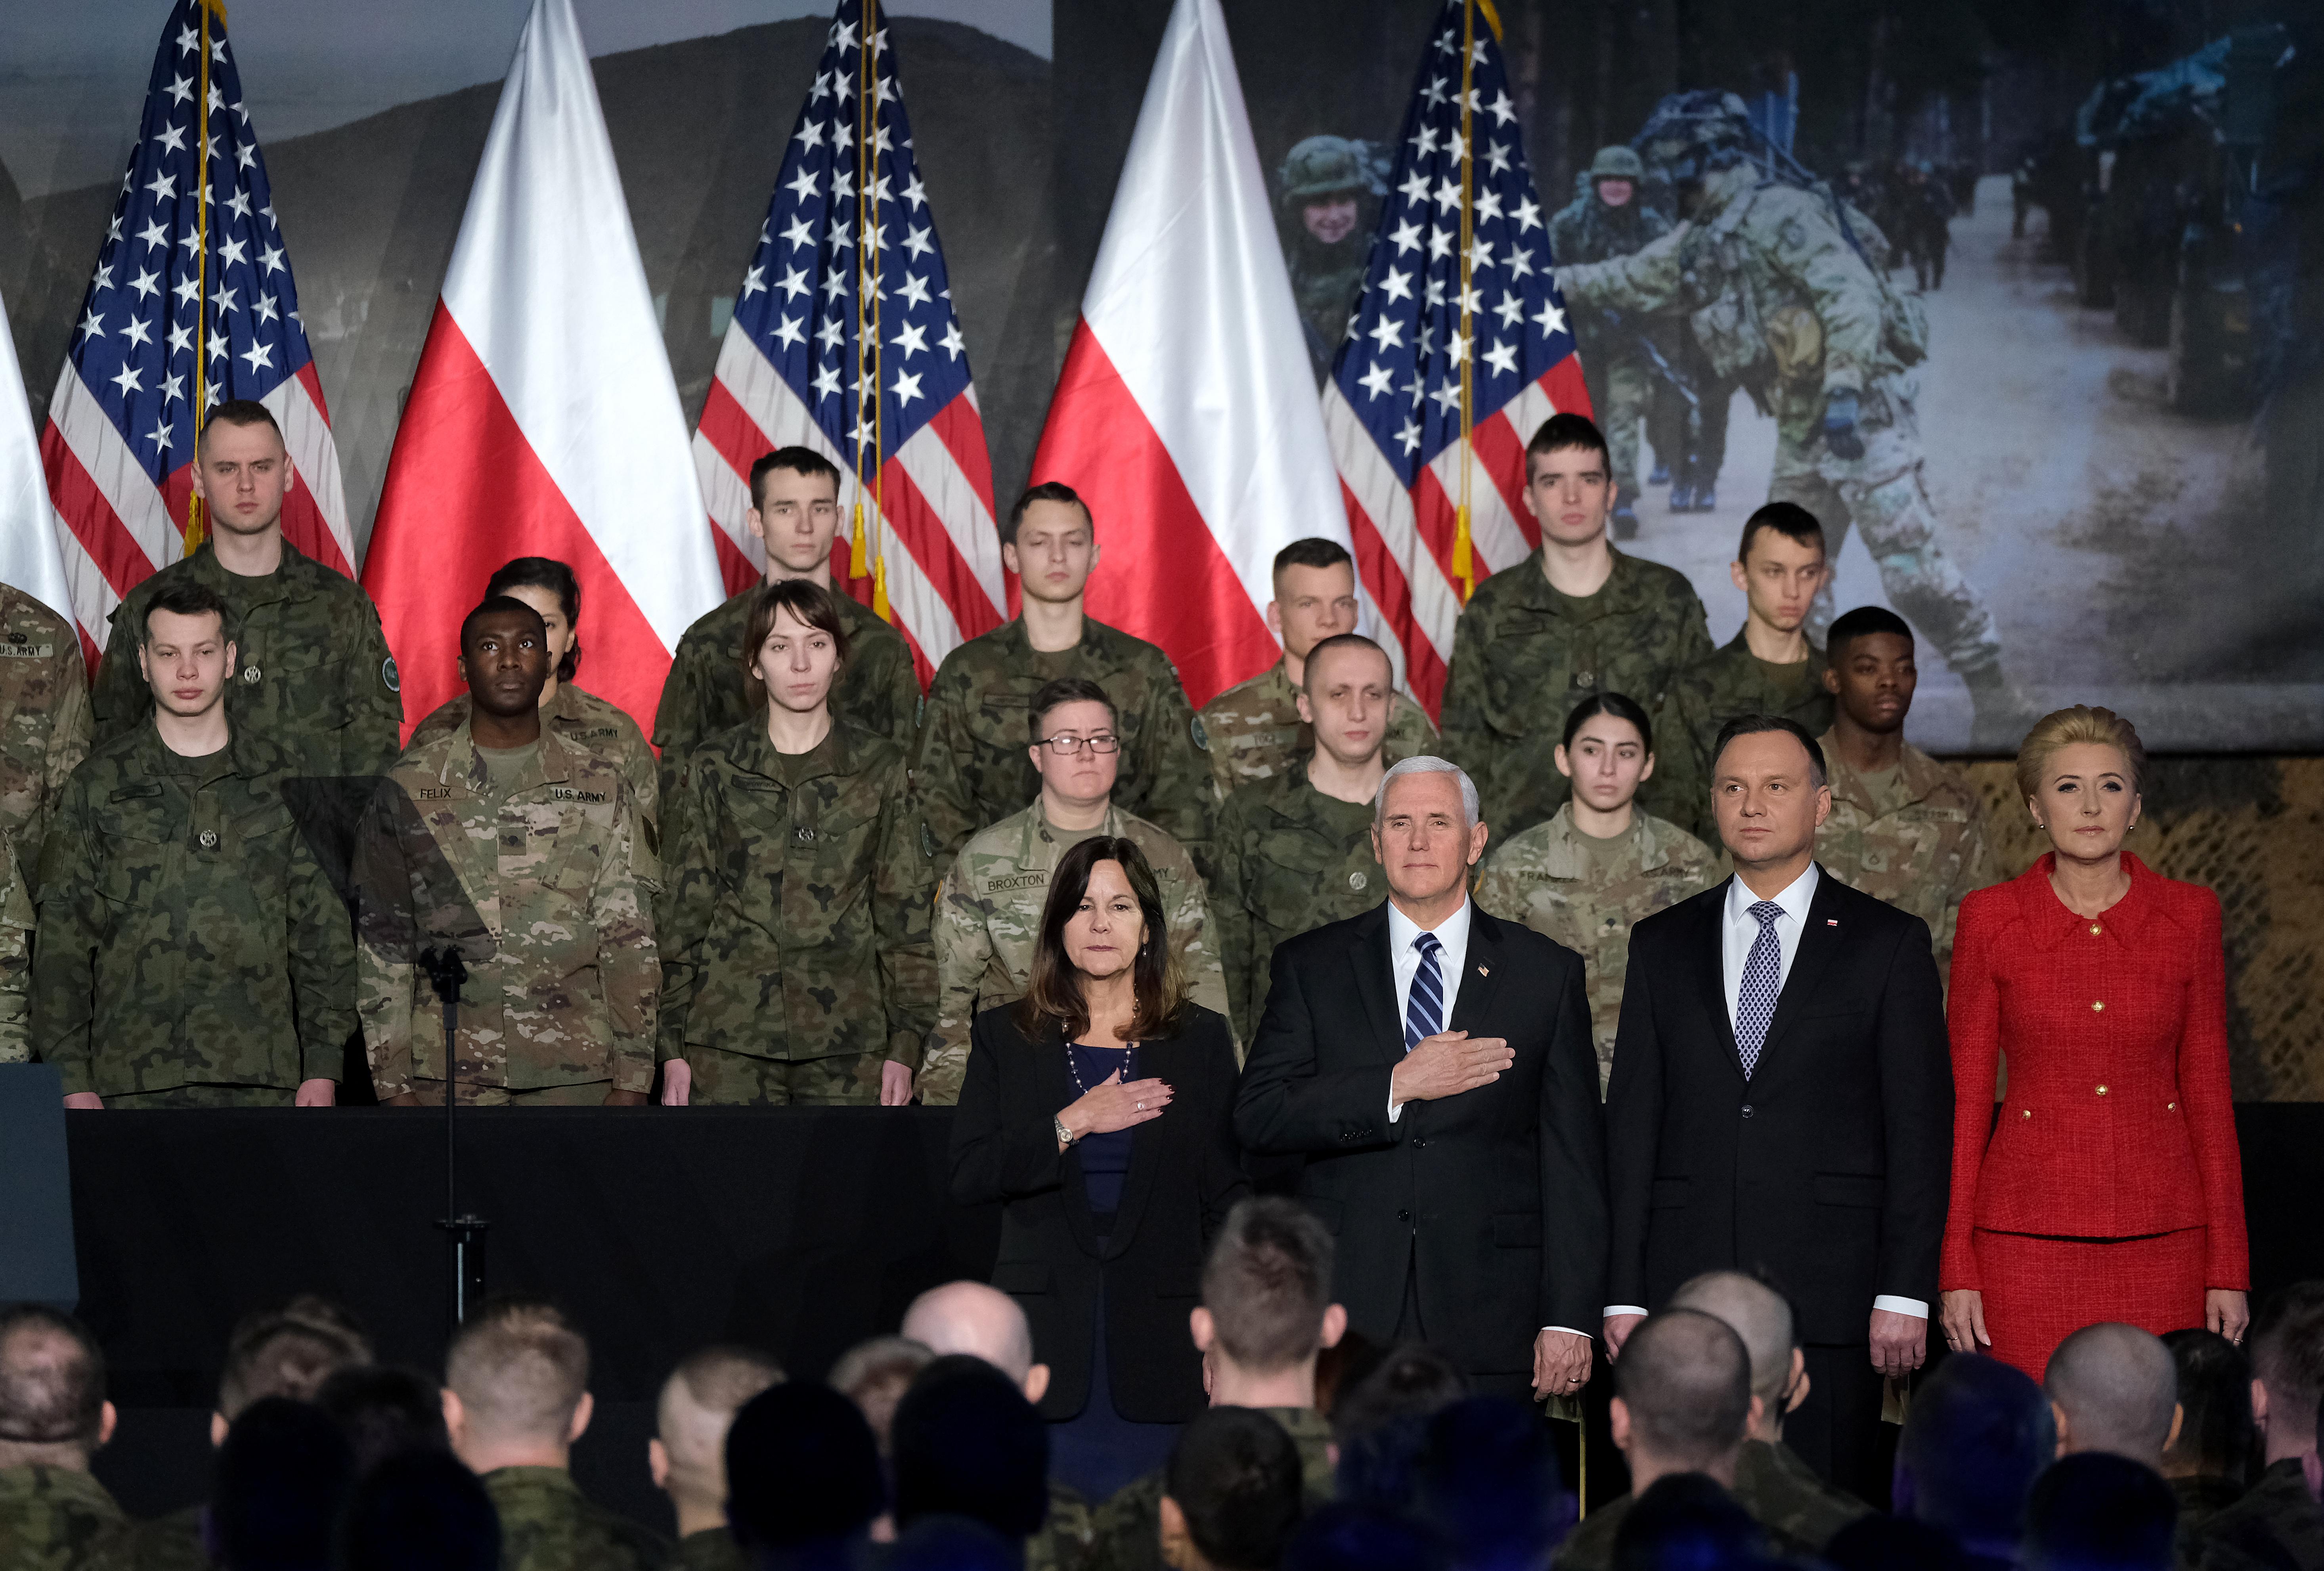 彭斯訪波蘭 參觀奧斯威辛 促中東和平